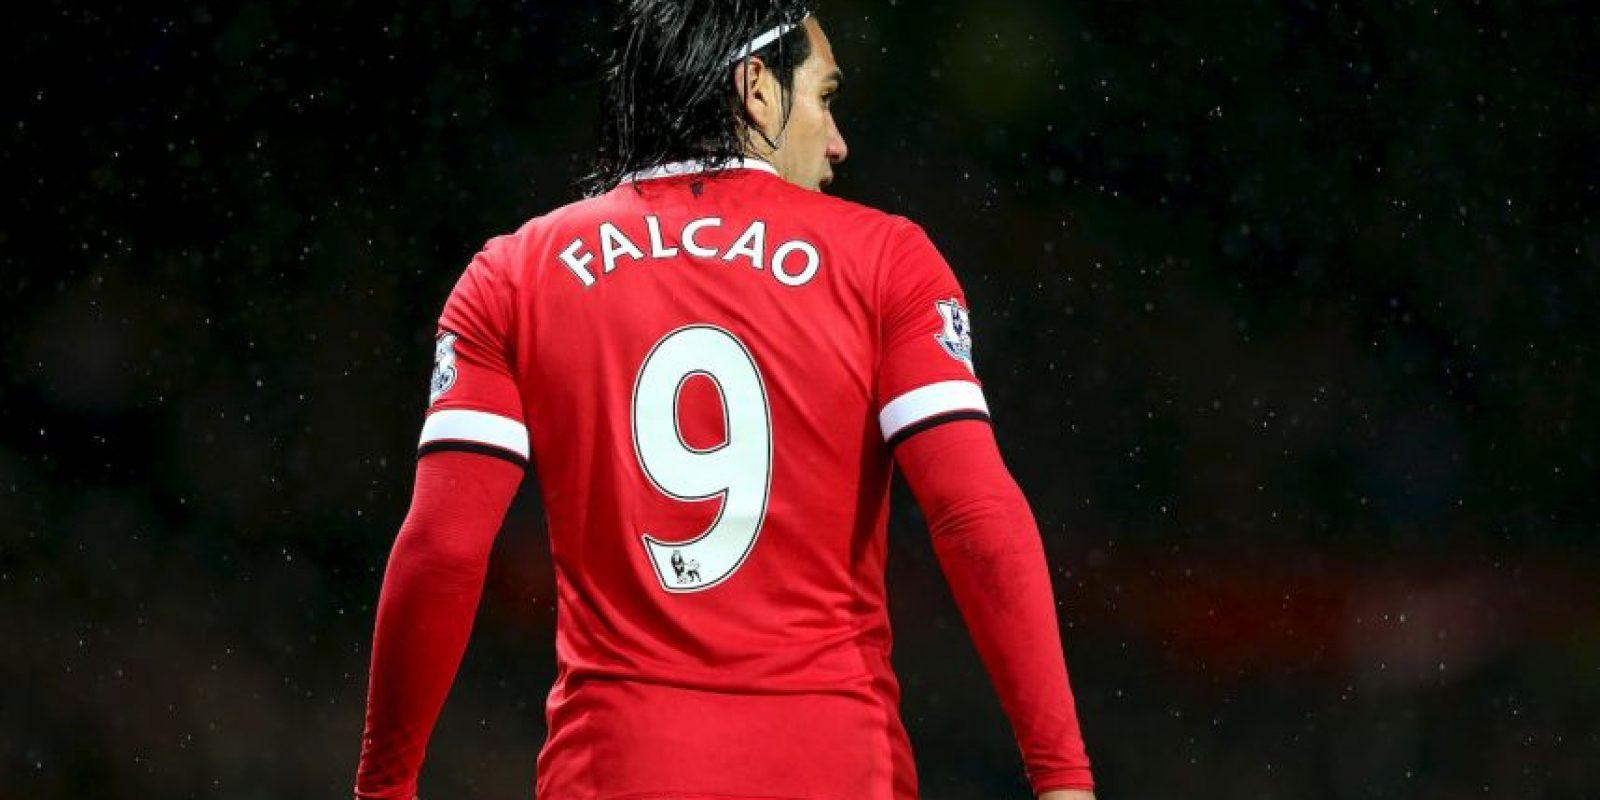 Para hacer válida la opción de compra al Mónaco, Manchester United tendría que desembolsar 55 millones de euros. Foto:Getty Images